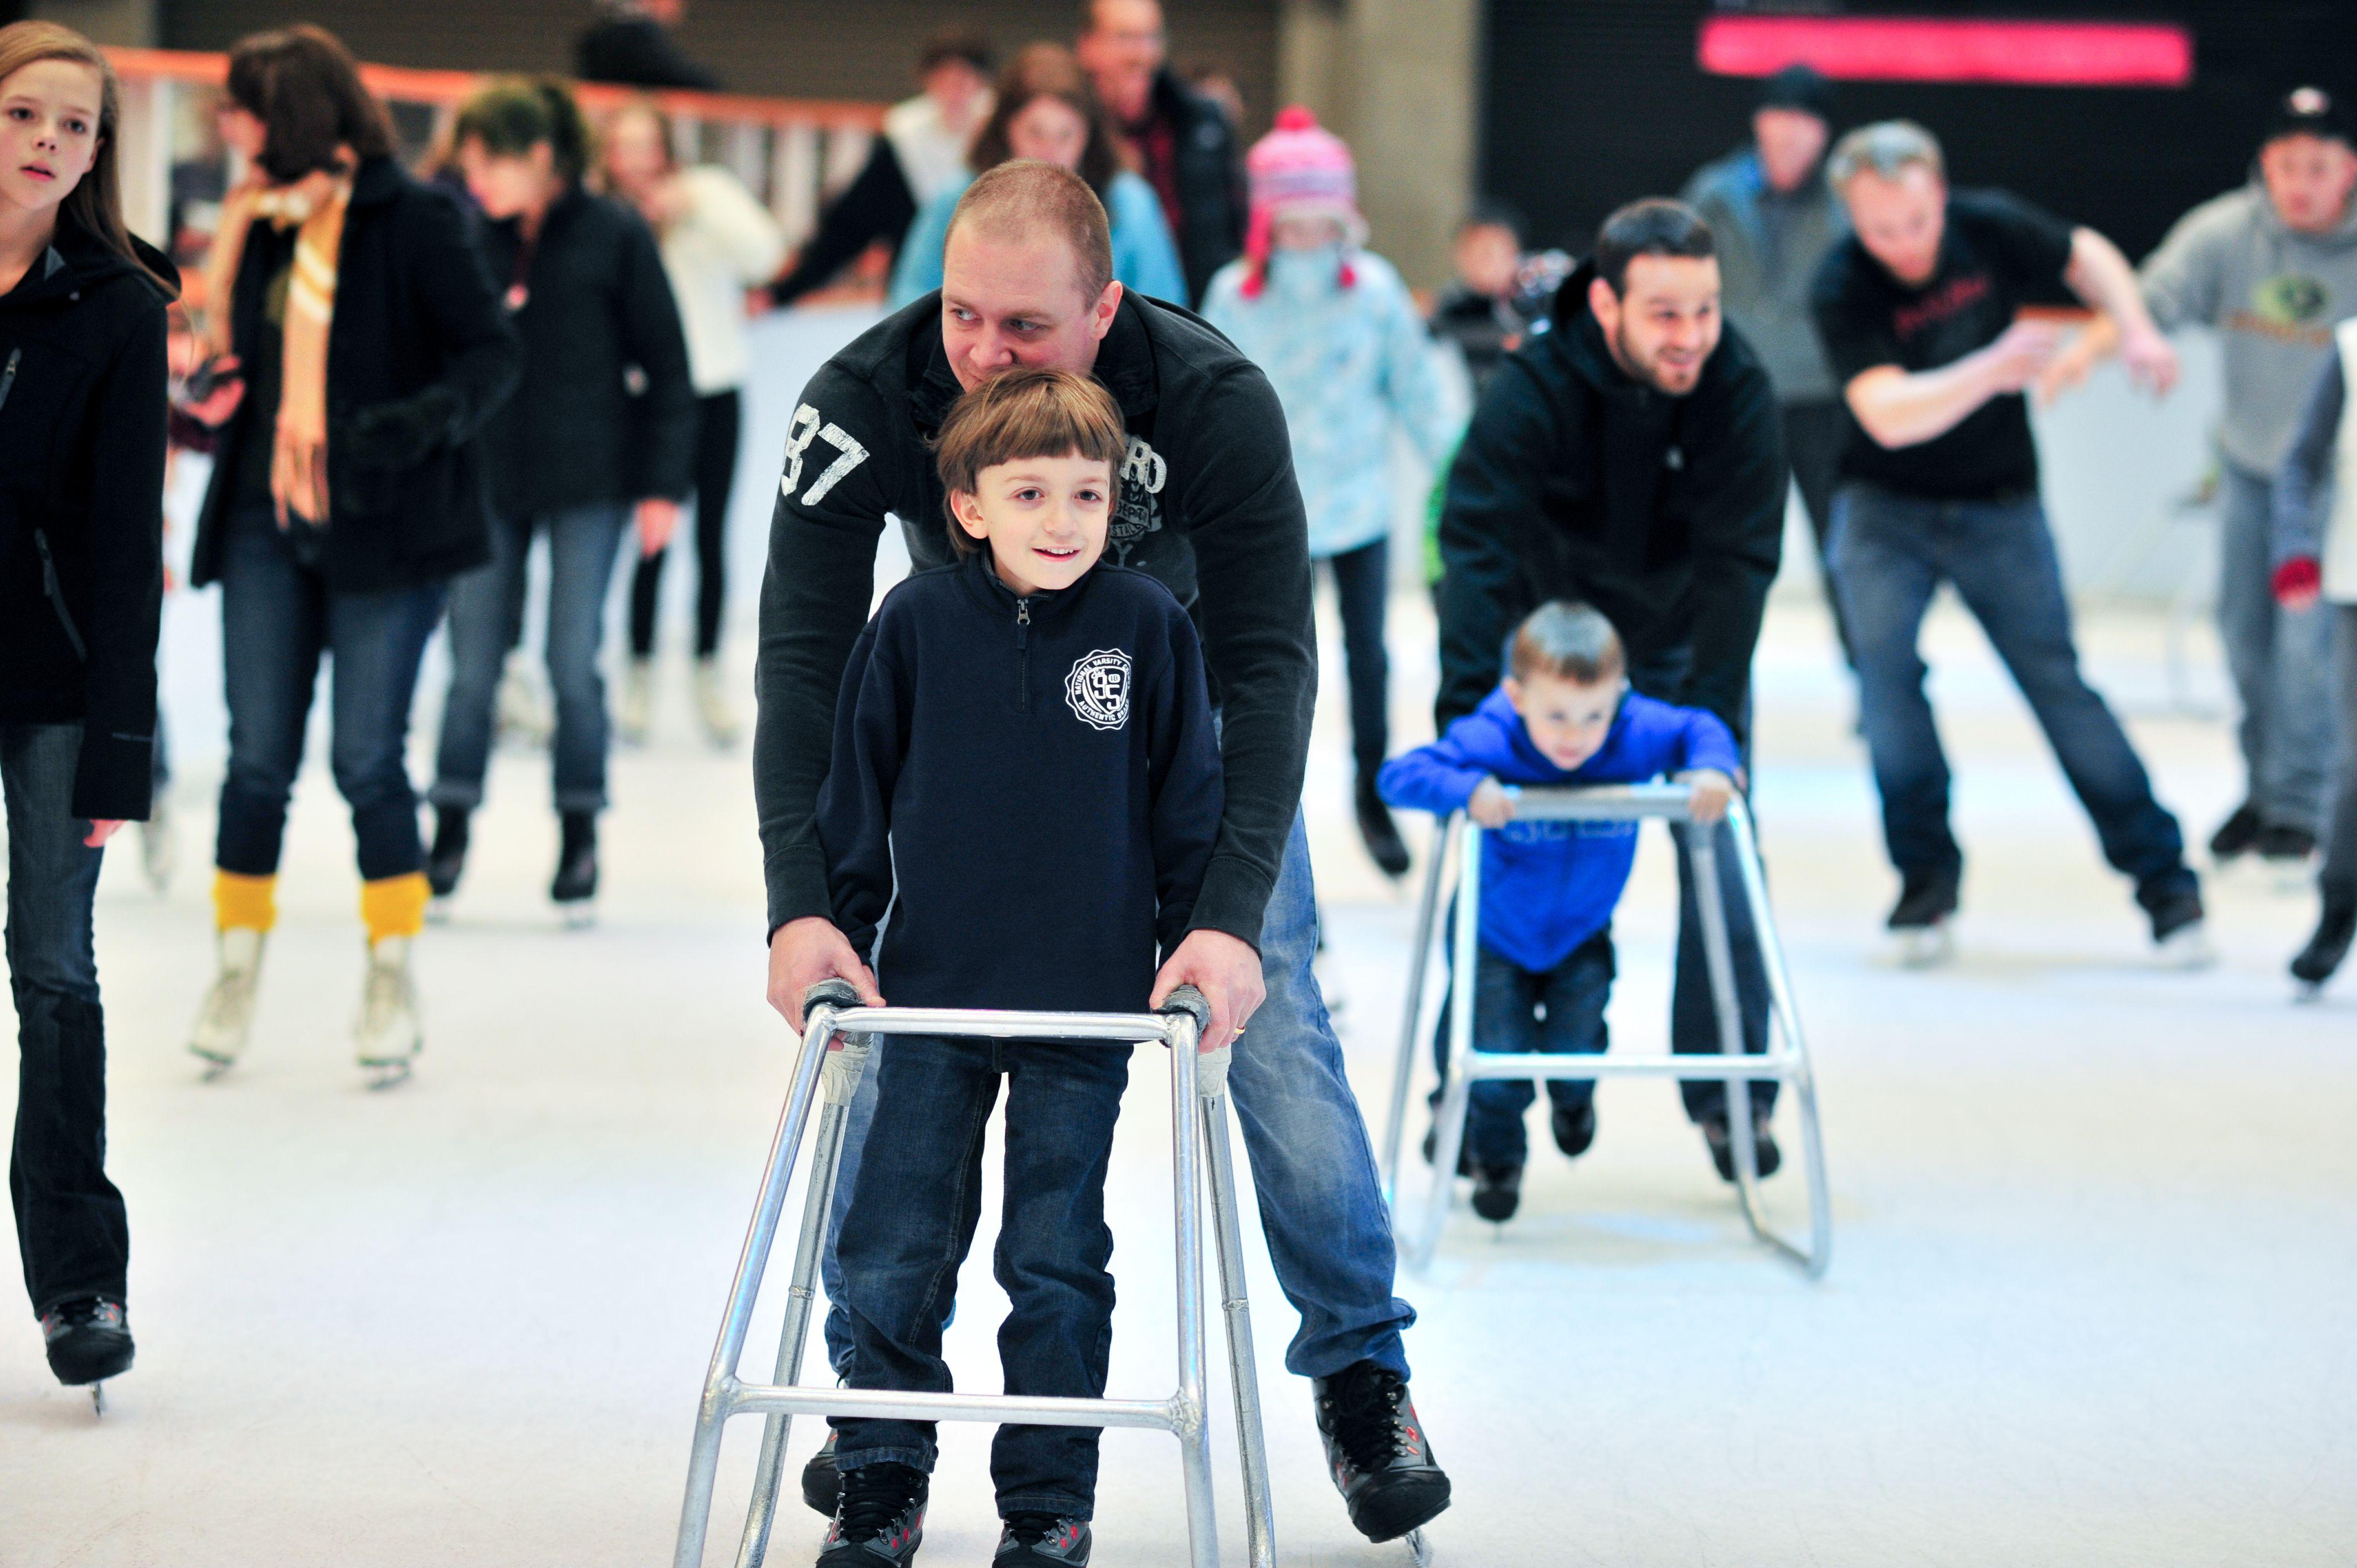 Pista de patinaje sobre hielo Winterfest